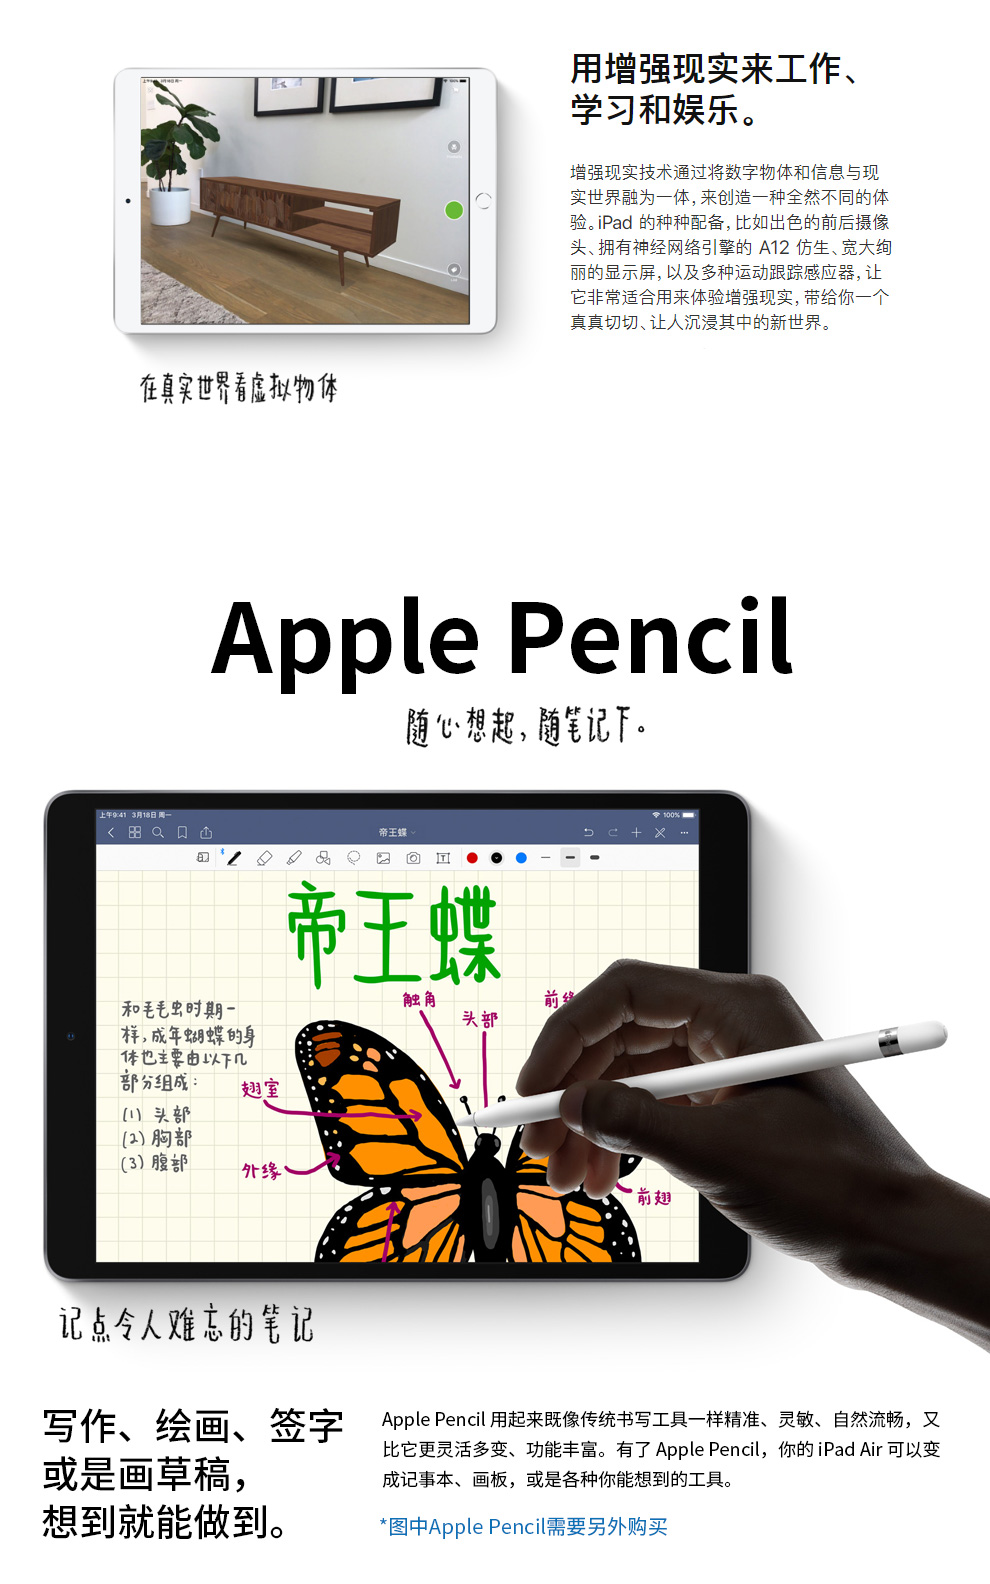 Máy tính bảng Quả Táo/ Táo 10.5-inch Ipad air bao bây giờ Máy tính iPad air 3 Ngân hàng quốc gia hỗ